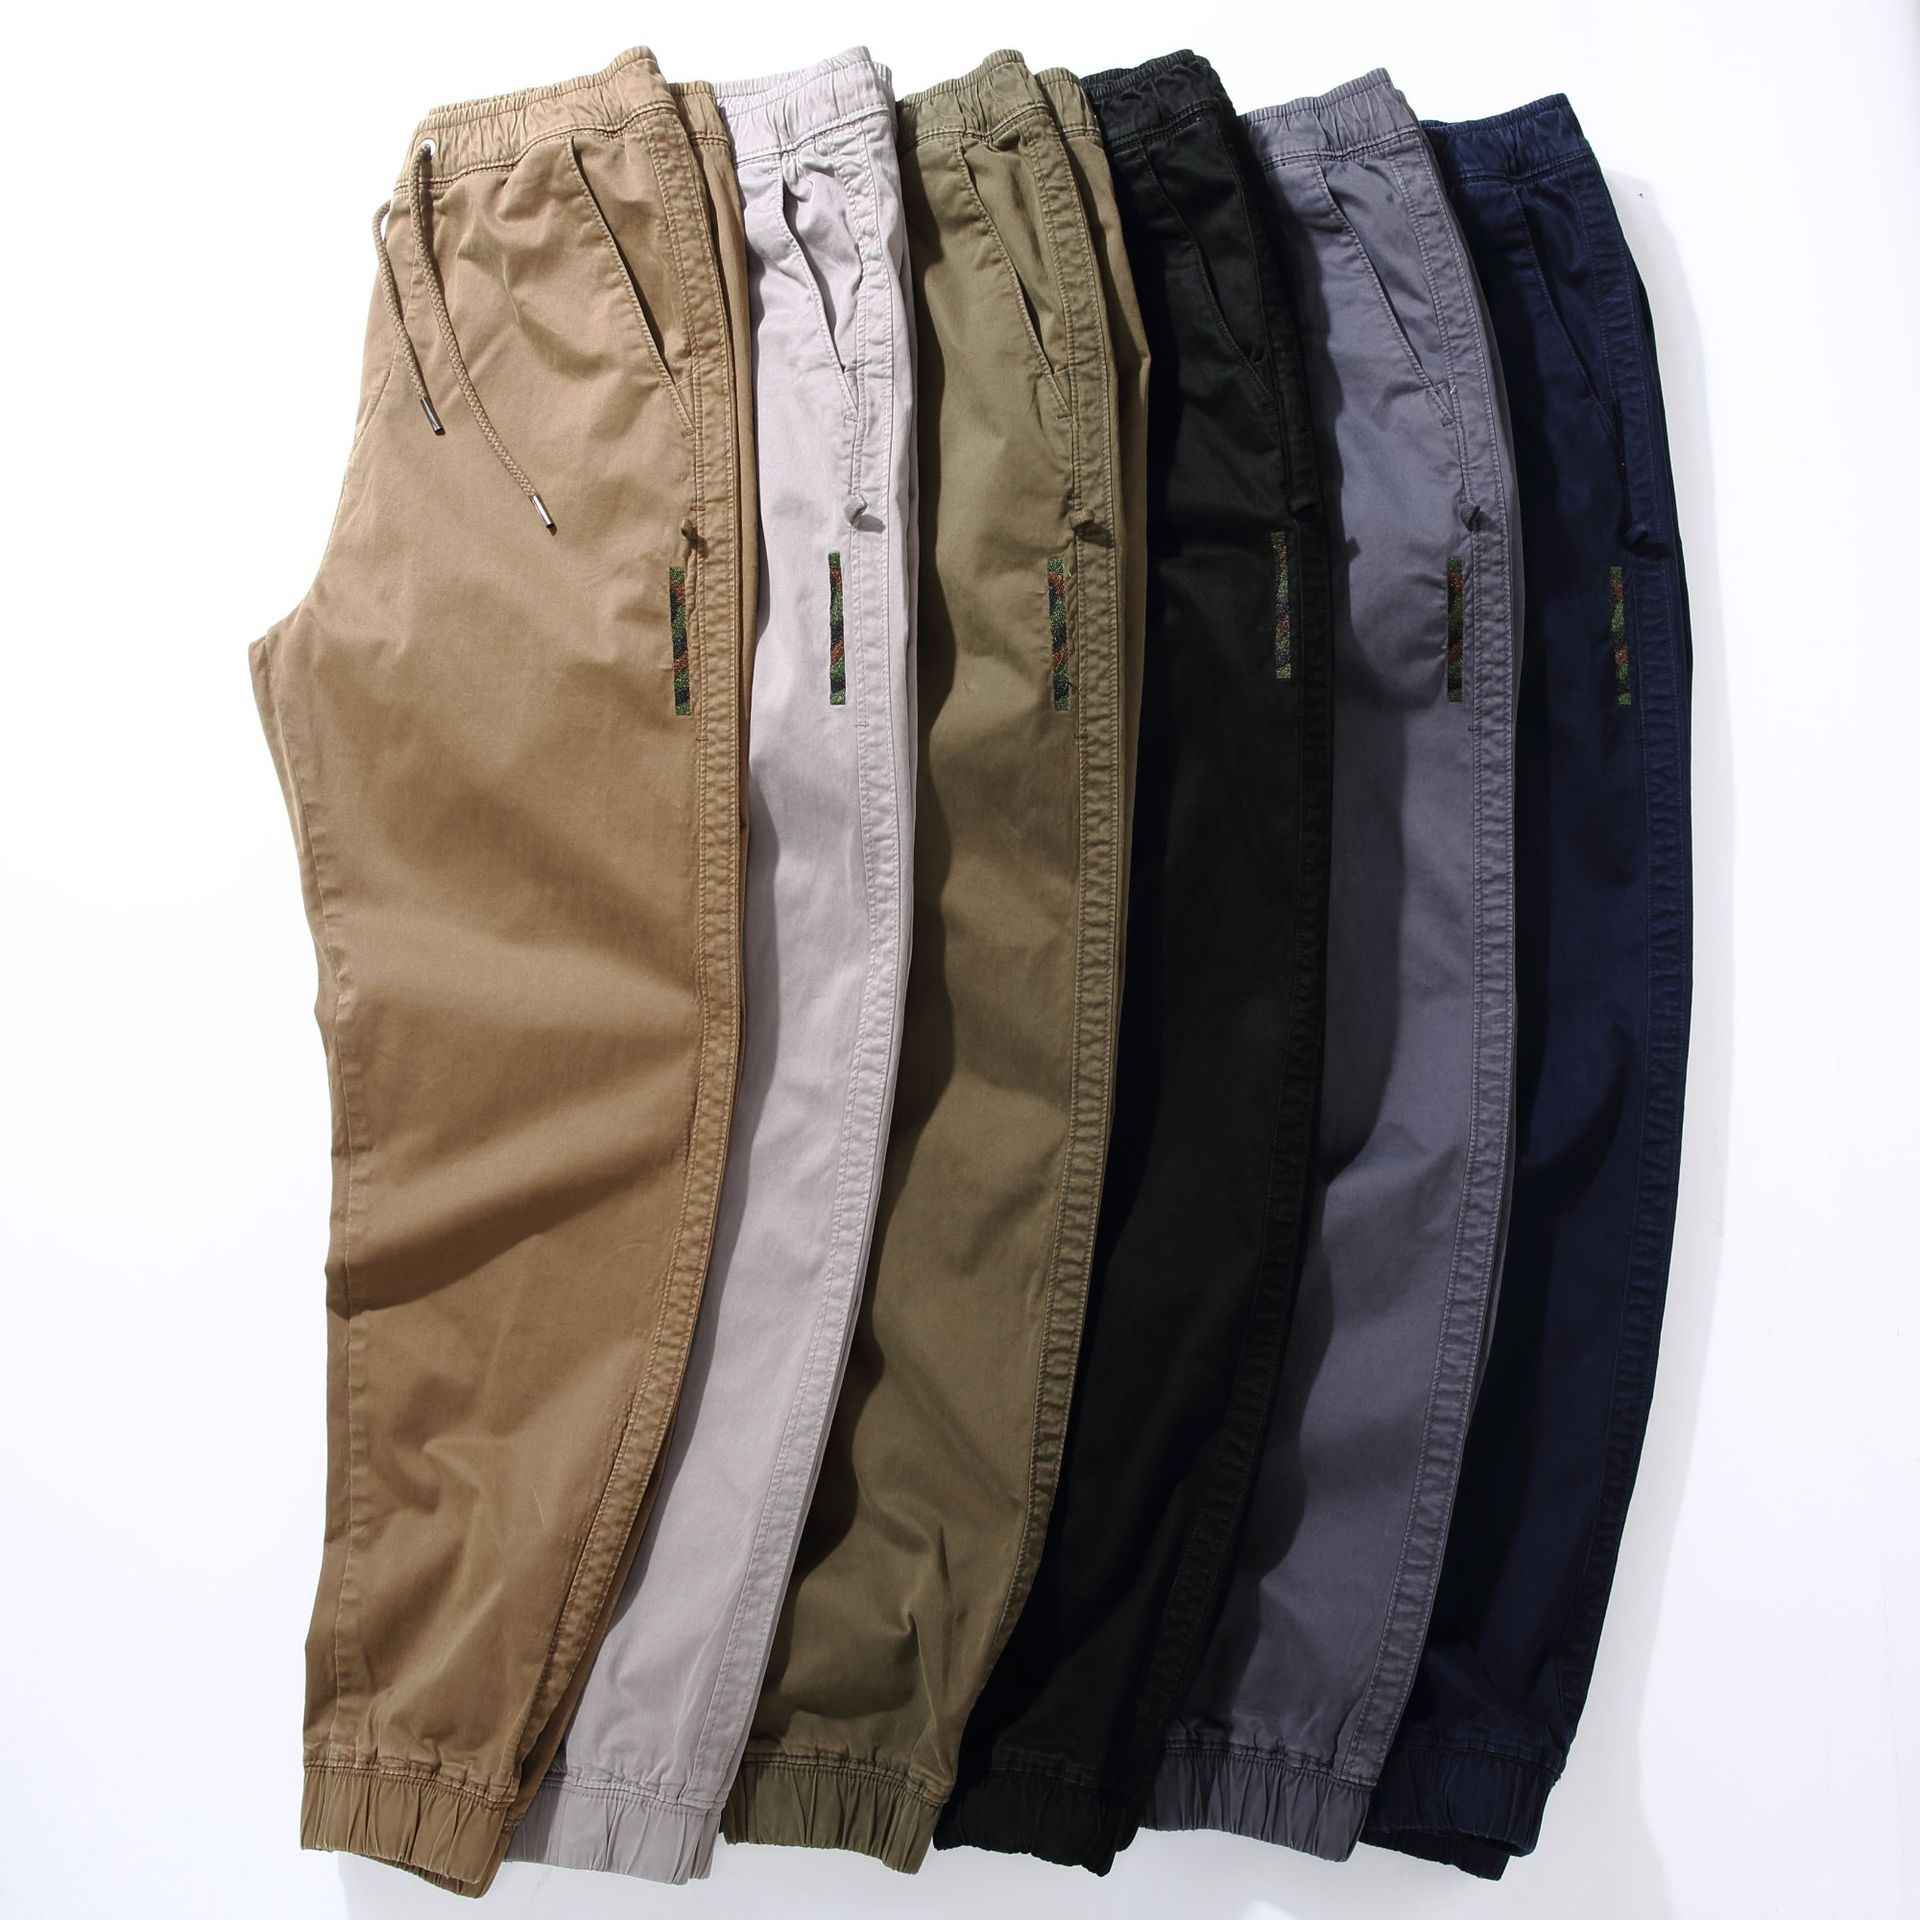 MANVALUE Otoño e Invierno overoles pantalones casuales de hombre Draw Rope Bundles pie europeo y americano pantalones lavados